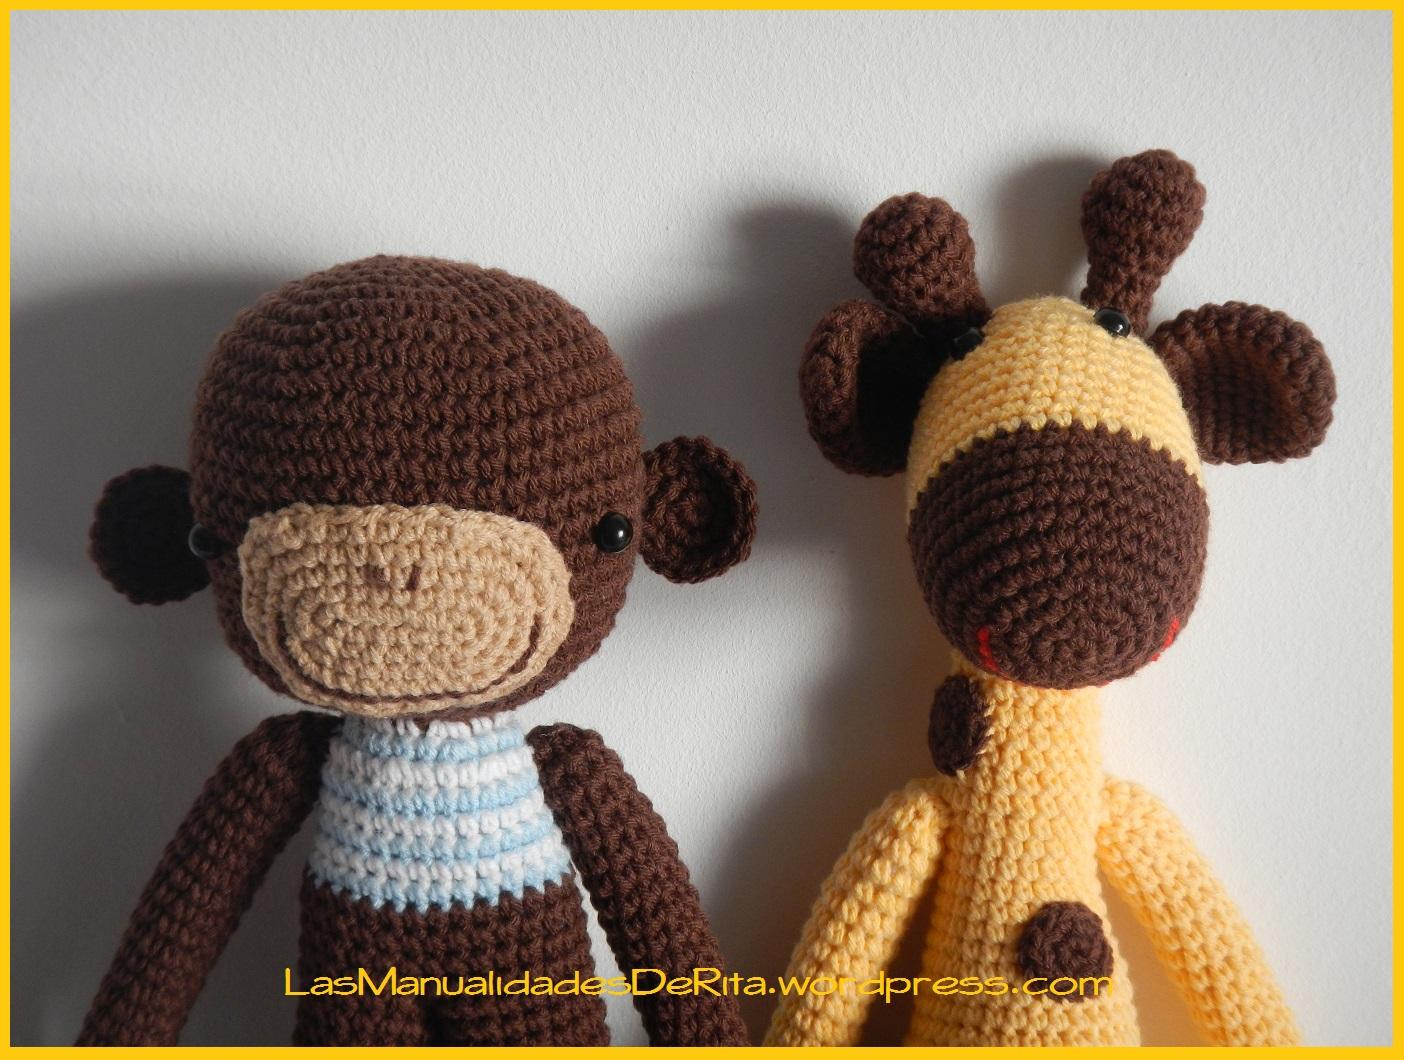 Mono amigurumi Las Manualidades de Rita